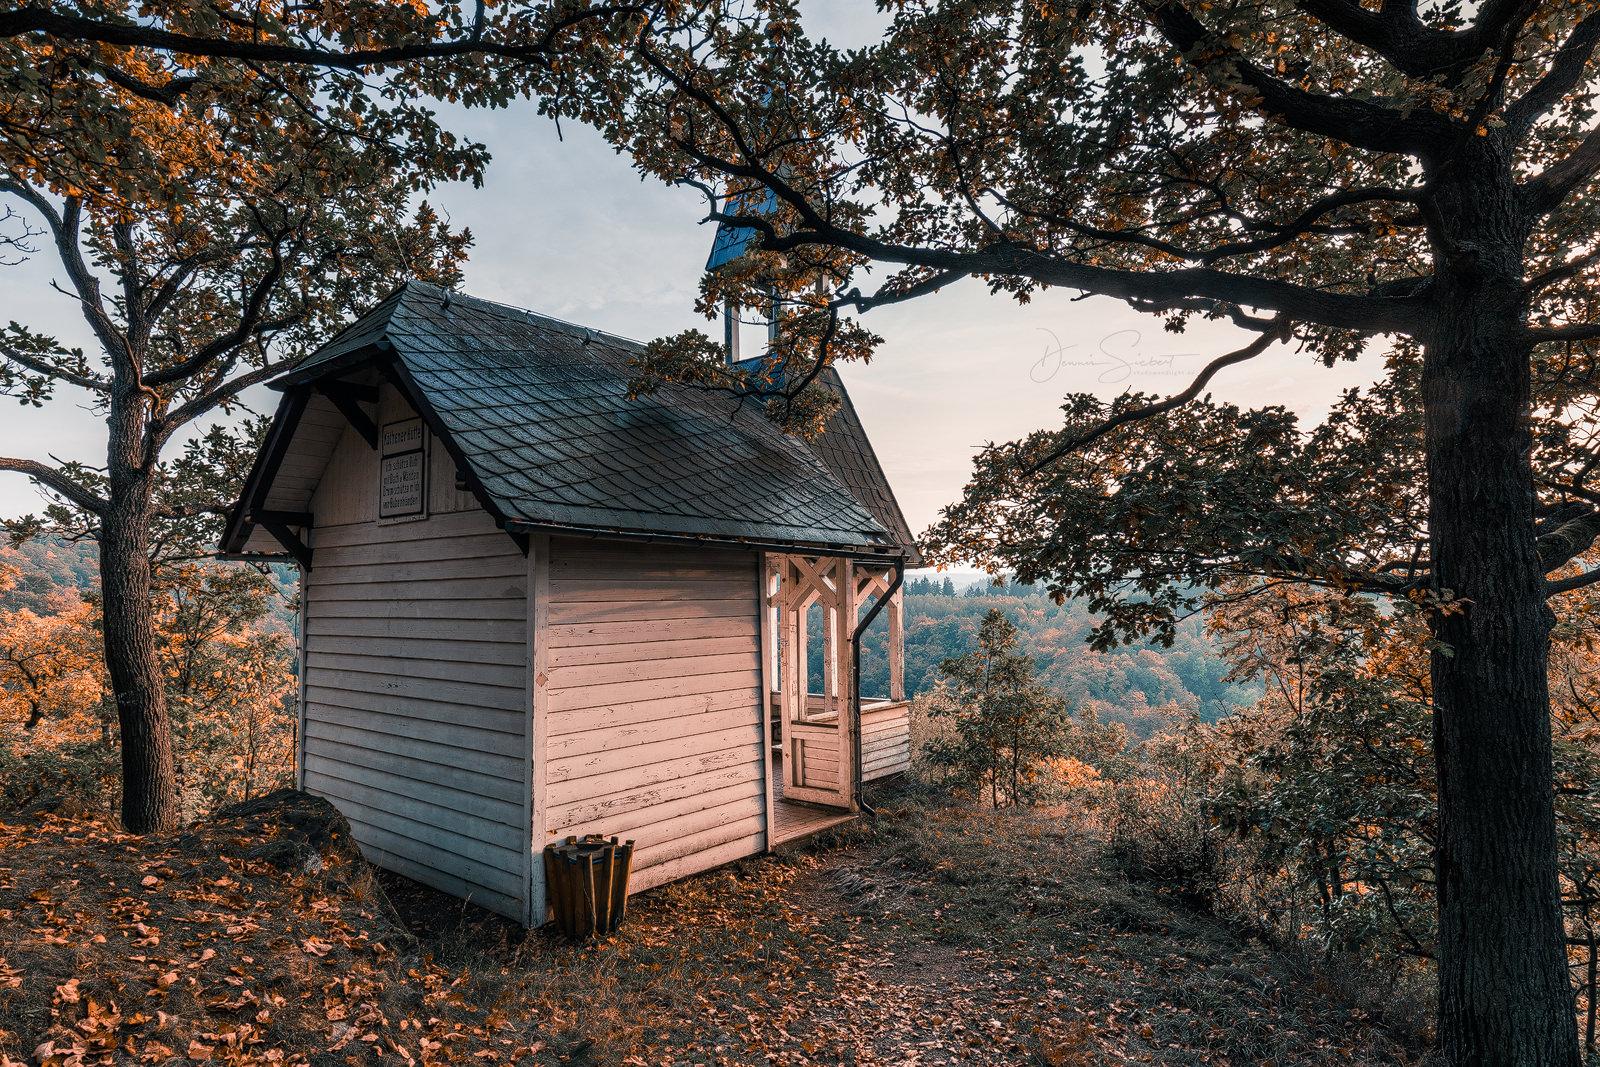 Köthener Hütte, Germany